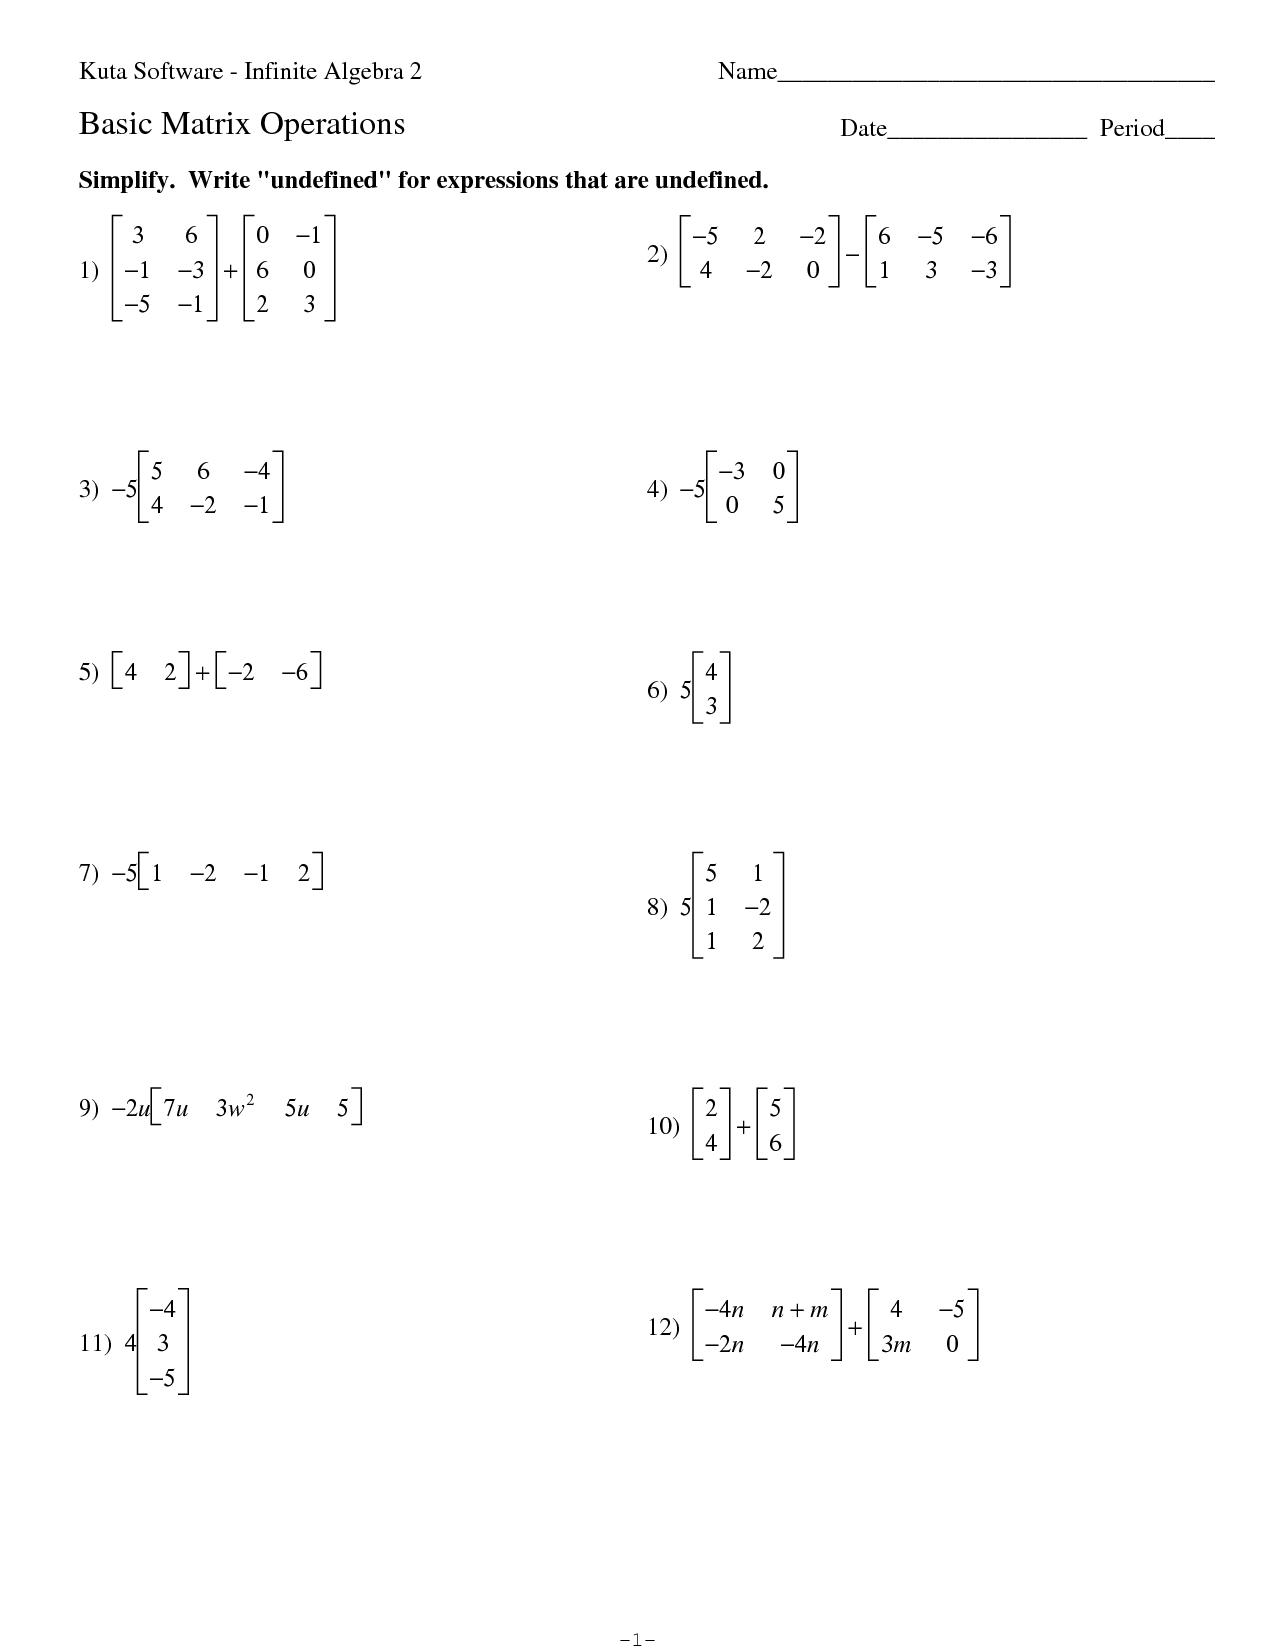 32 Kuta Software Infinite Algebra 1 Graphing Lines